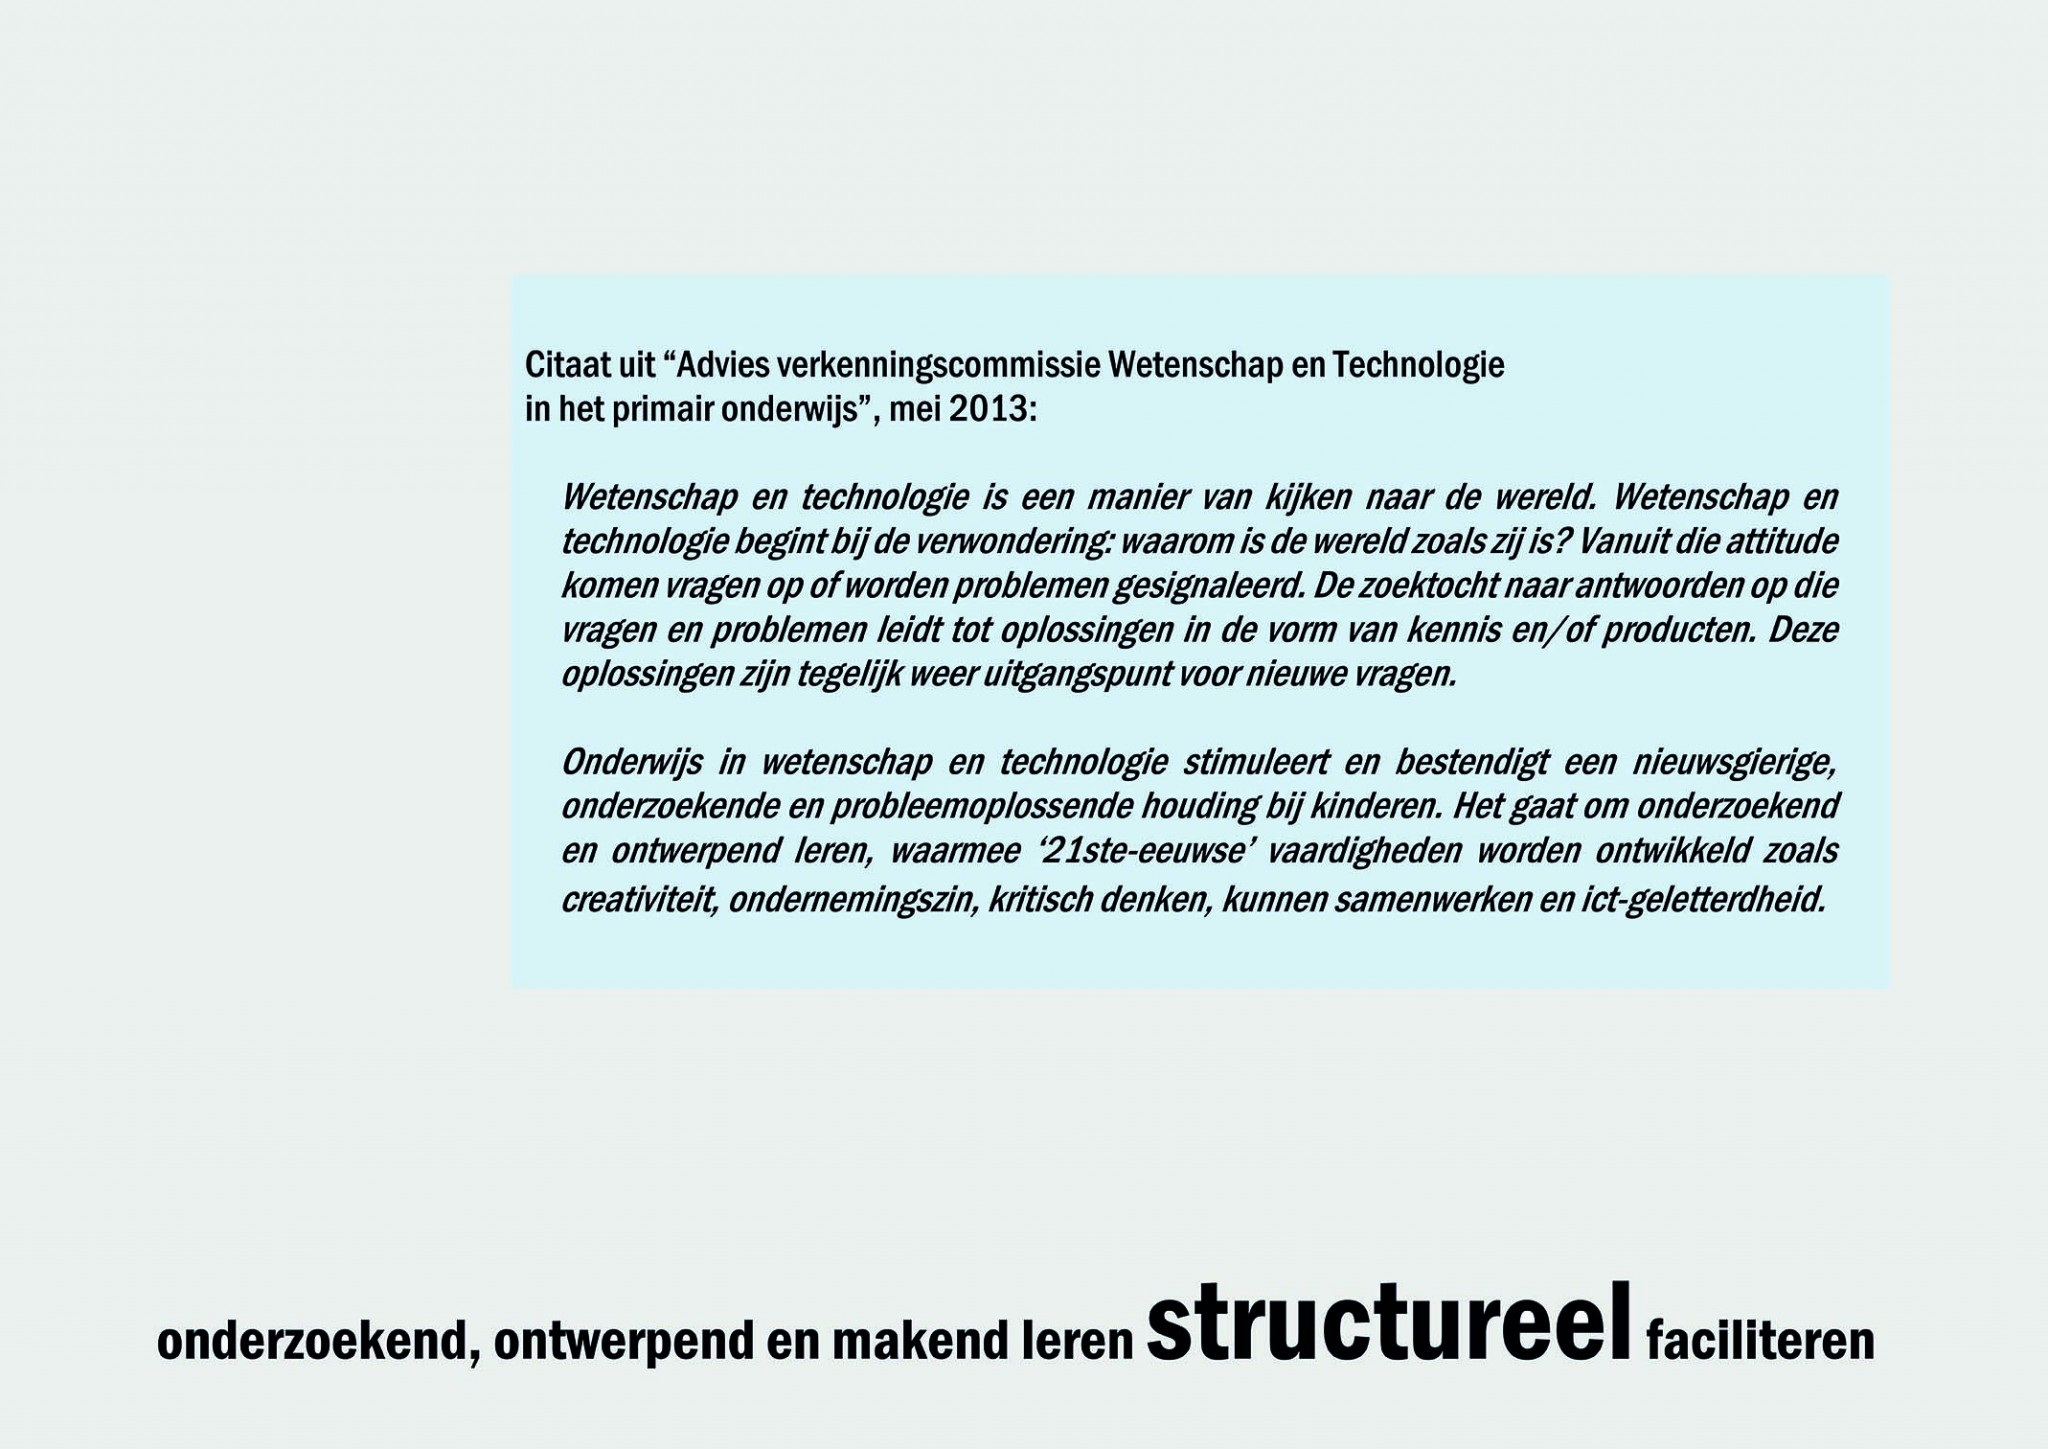 De Ontwerpwerkplaats, Gijs Niemeijer, Floor van Ditzhuyzen, Technieklab, technieklab, glundertechniek, techniekonderwijs, W&T onderwijs, wetenschap- & techniekonderwijs, maakonderwijs, techniekpact, Huub looze, technieklab, glundertechniek, techniekonderwijs, W&T onderwijs, wetenschap- & techniekonderwijs, maakonderwijs, techniekpact, makereducation, Gijs niemeijer, techniekonderwijs school